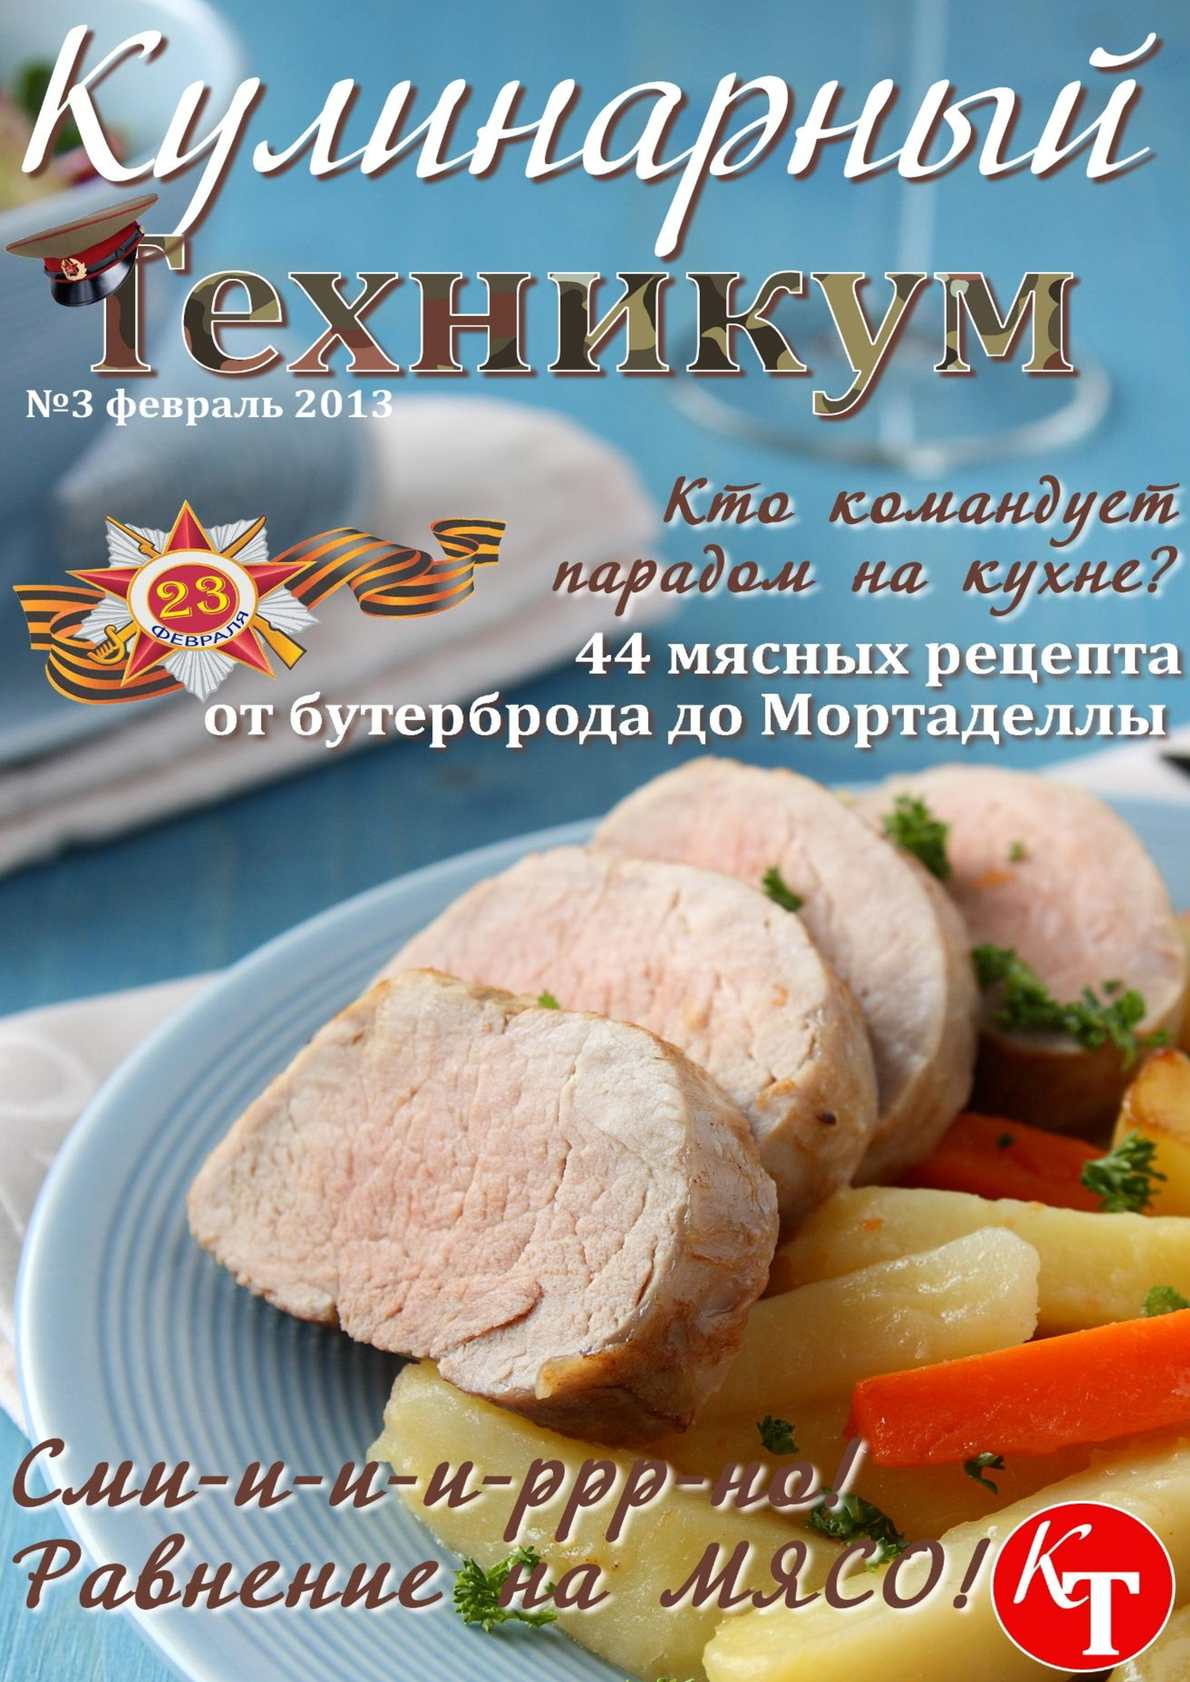 Кулинарный техникум №3 Тематический выпуск к 23 февраля